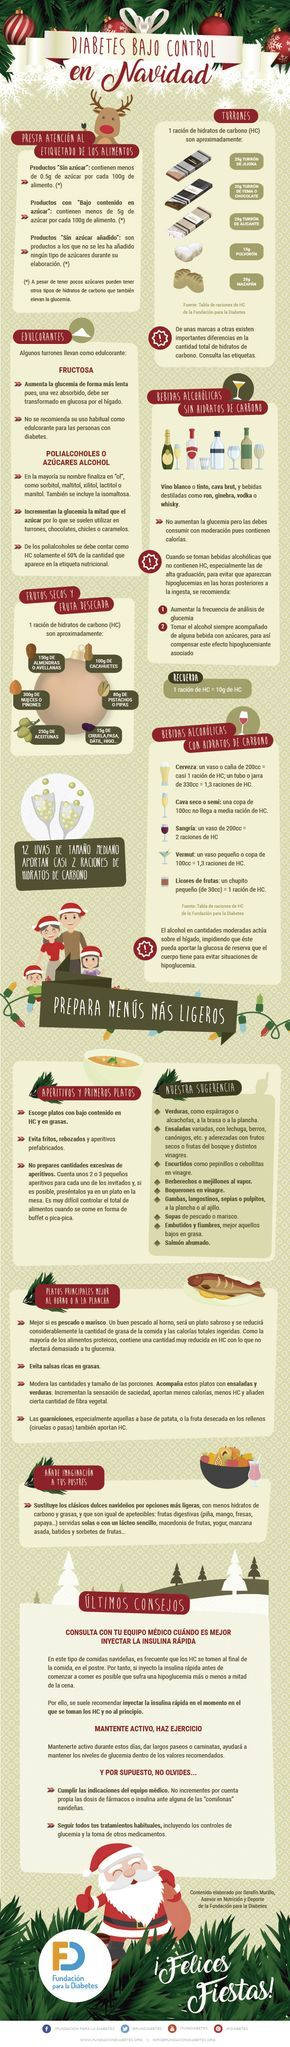 Diabetes bajo control en Navidad. Interesantes consejos para las fiestas navideñas que nos ofrece Serafín Murillo, Asesor en Nutrición y Deporte de la Fundación para la Diabetes.